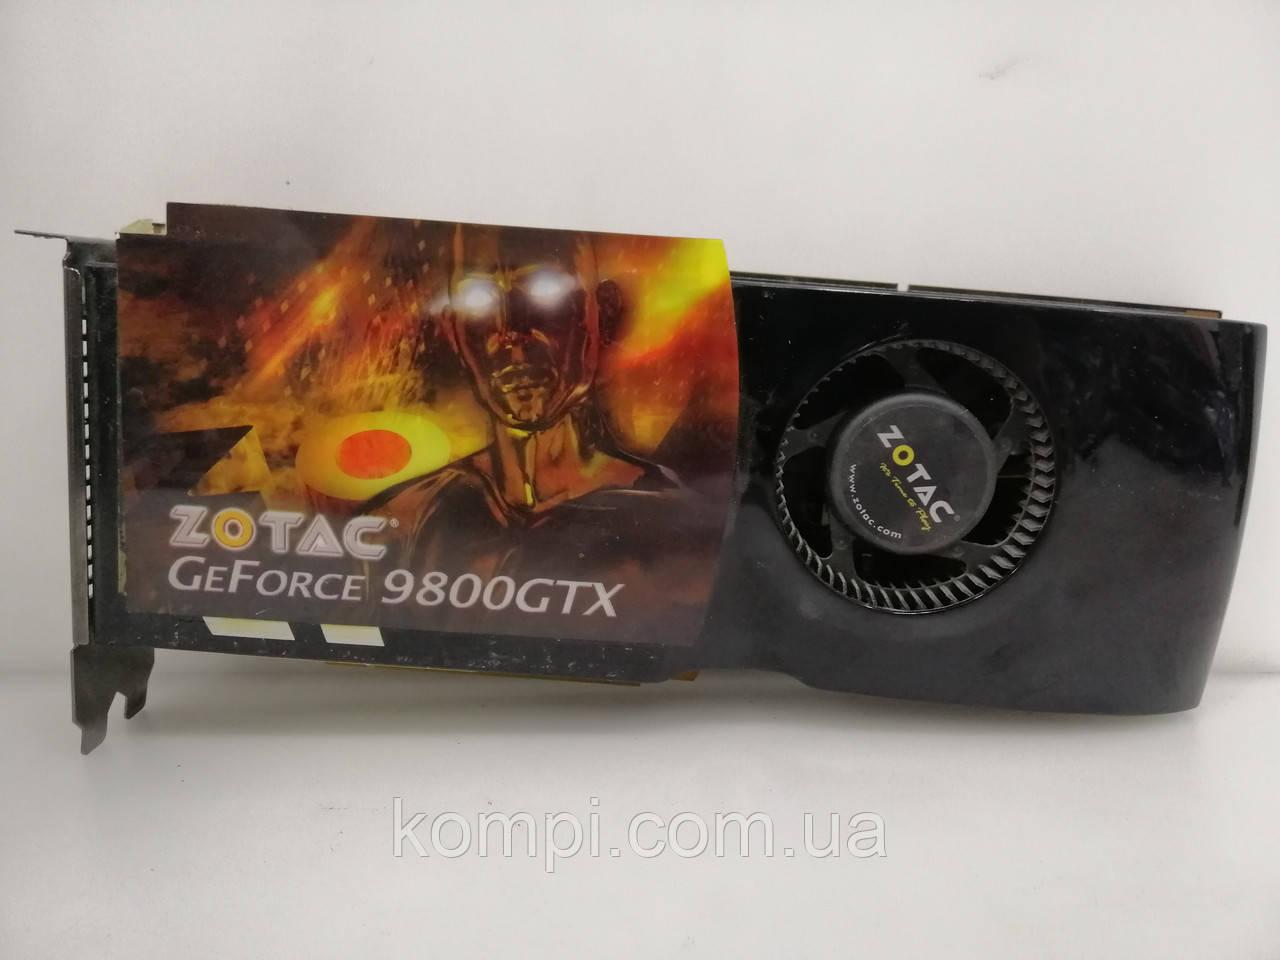 Видеокарта Nvidia Geforce 9800 GTX 512MB 256bit PCI-E